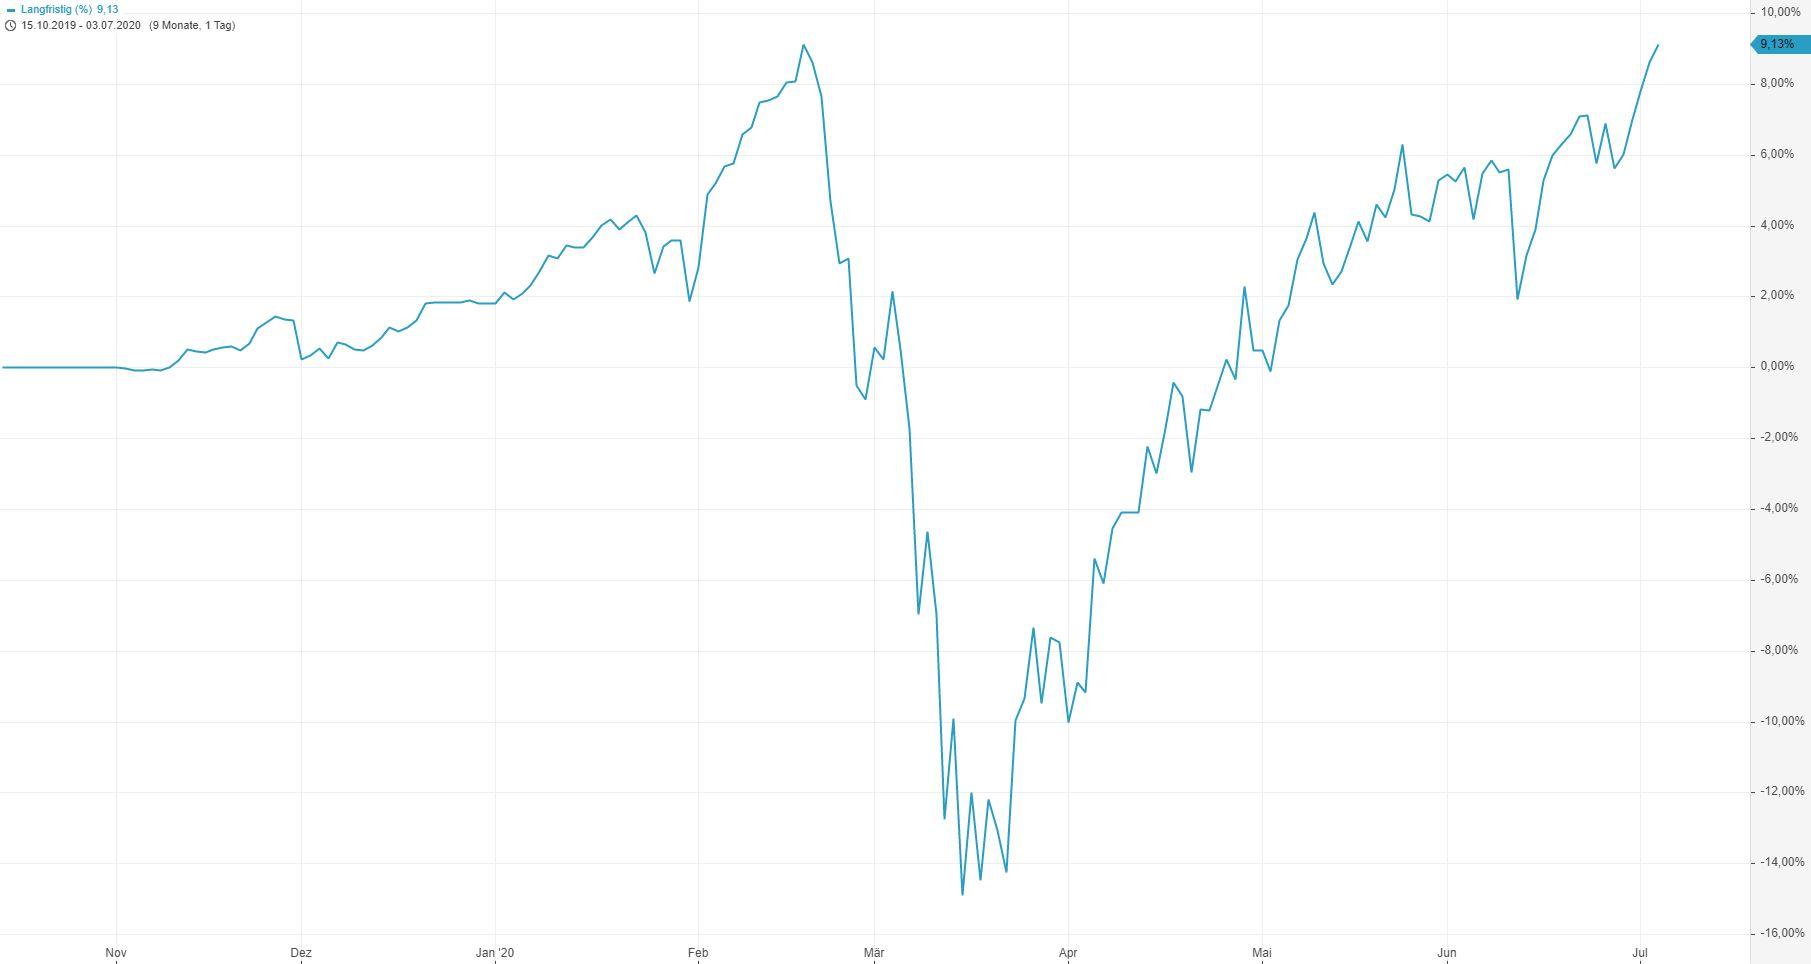 Corona-Crash-Bilanz-meiner-Strategie-des-Vermögensaufbaus-Entspannt-Krisen-meistern-Kommentar-Lisa-Giering-GodmodeTrader.de-5